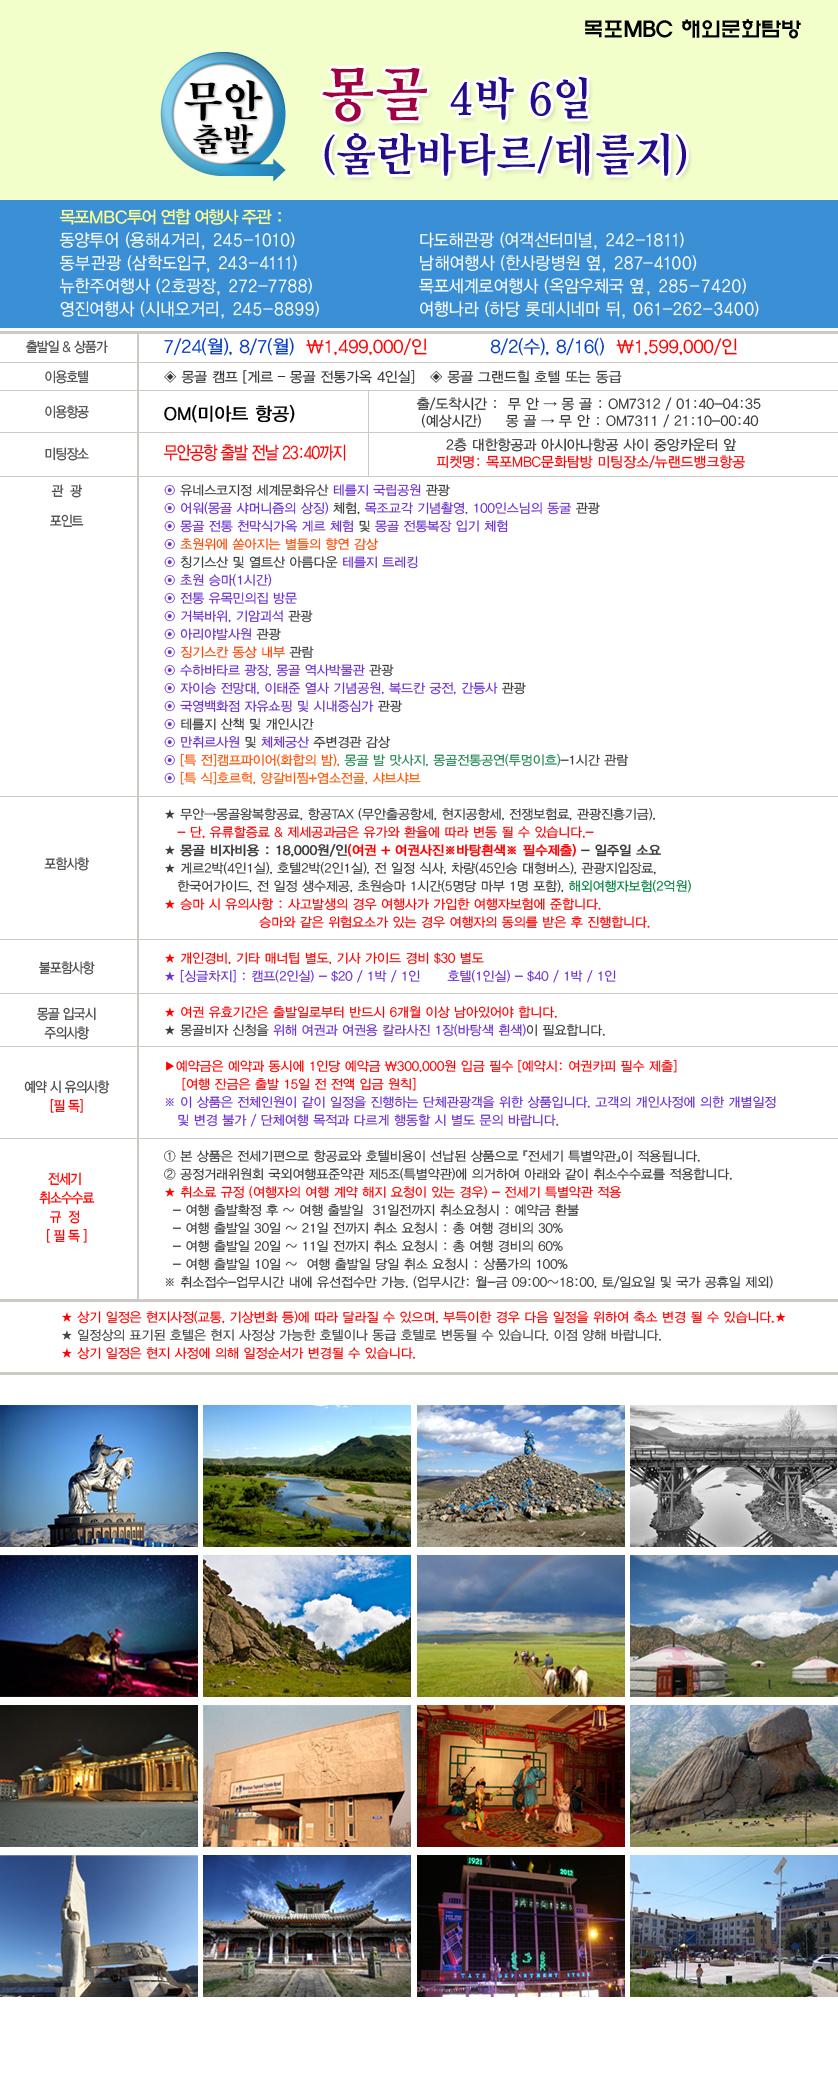 몽골(울란바타르/테를지) 관광 4박6일 행사정보